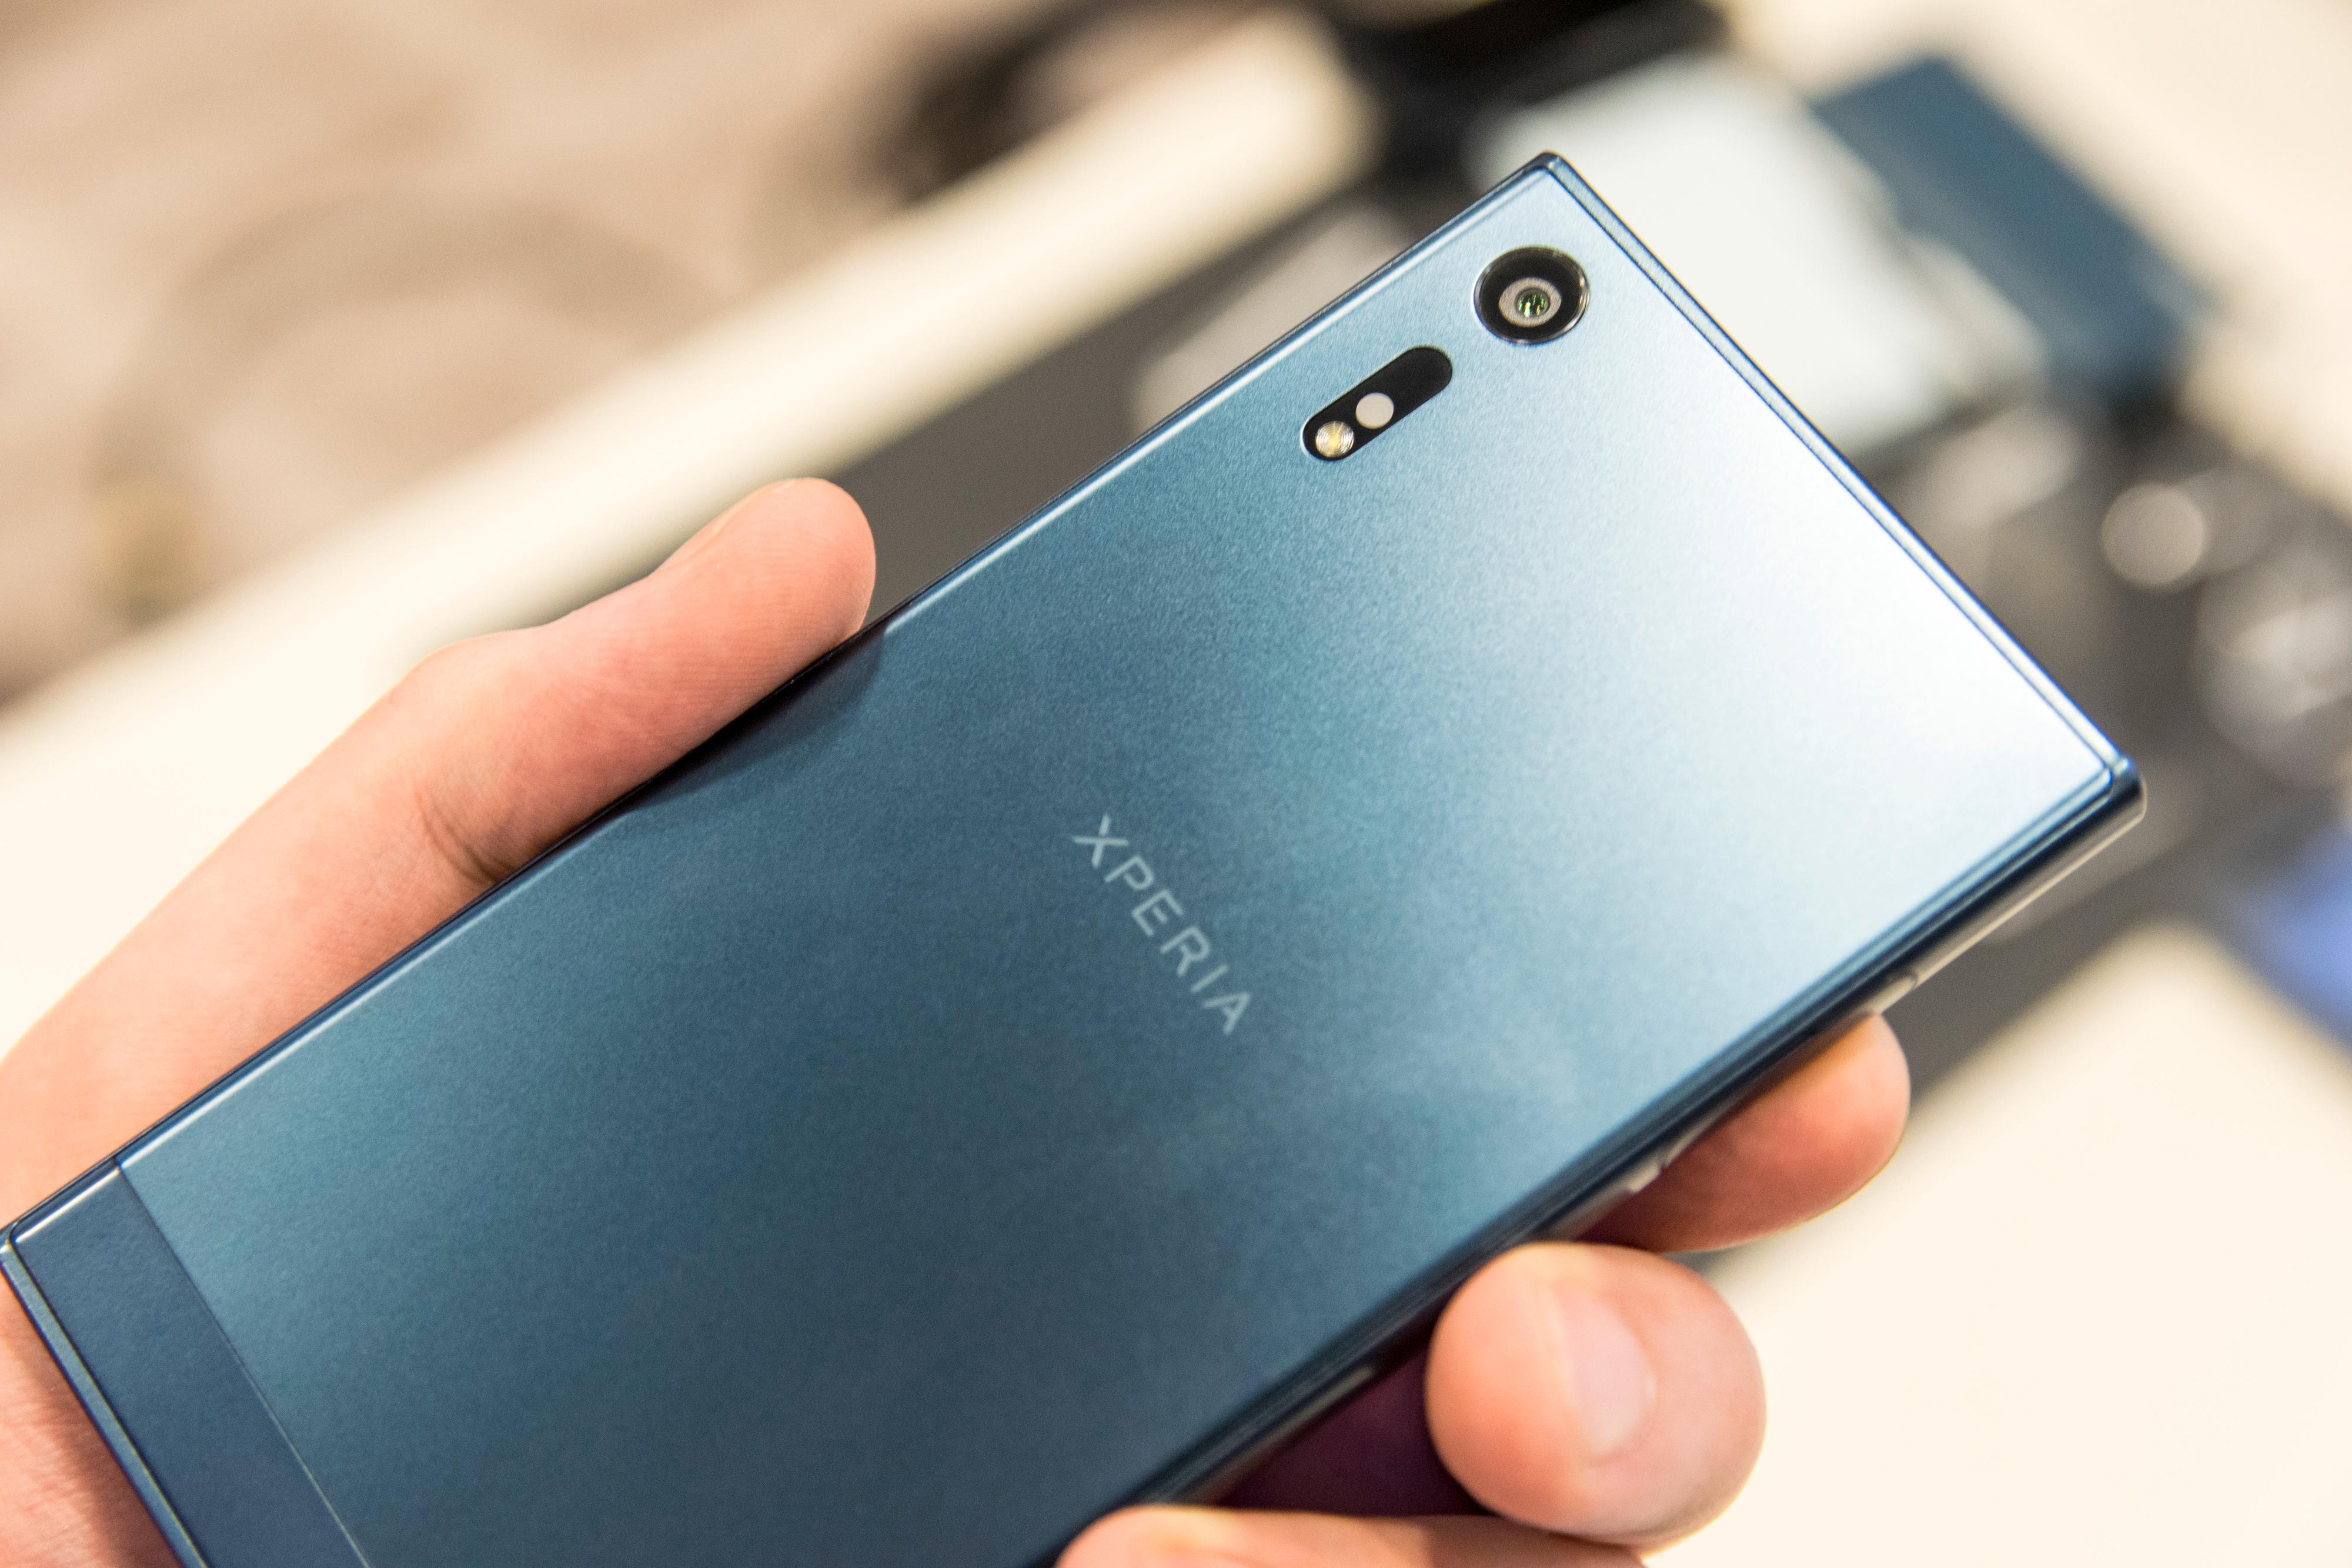 Den blå fargen som brukes på Xperia XZ er visstnok signaturfargen for serien.